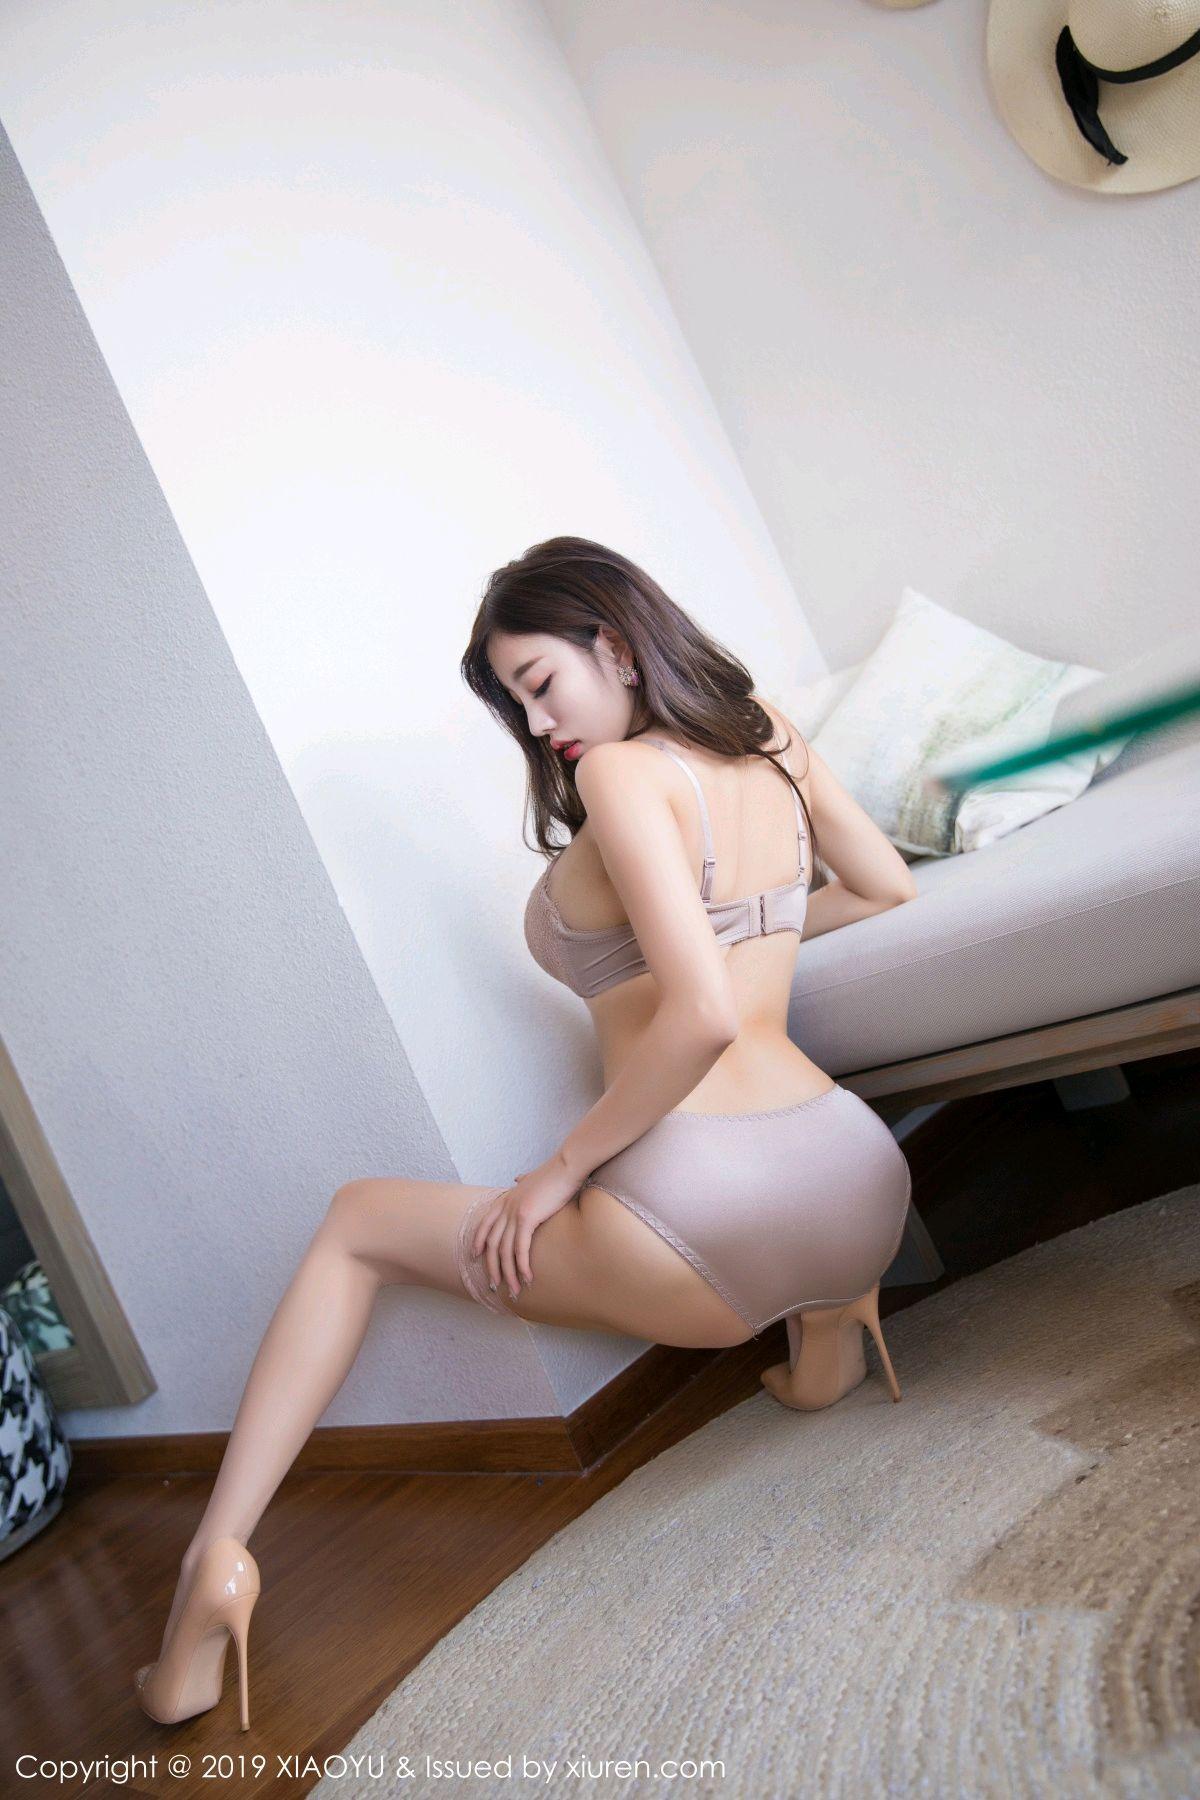 [XiaoYu] Vol.067 Yang Chen Chen 41P, Beach, Underwear, XiaoYu, Yang Chen Chen